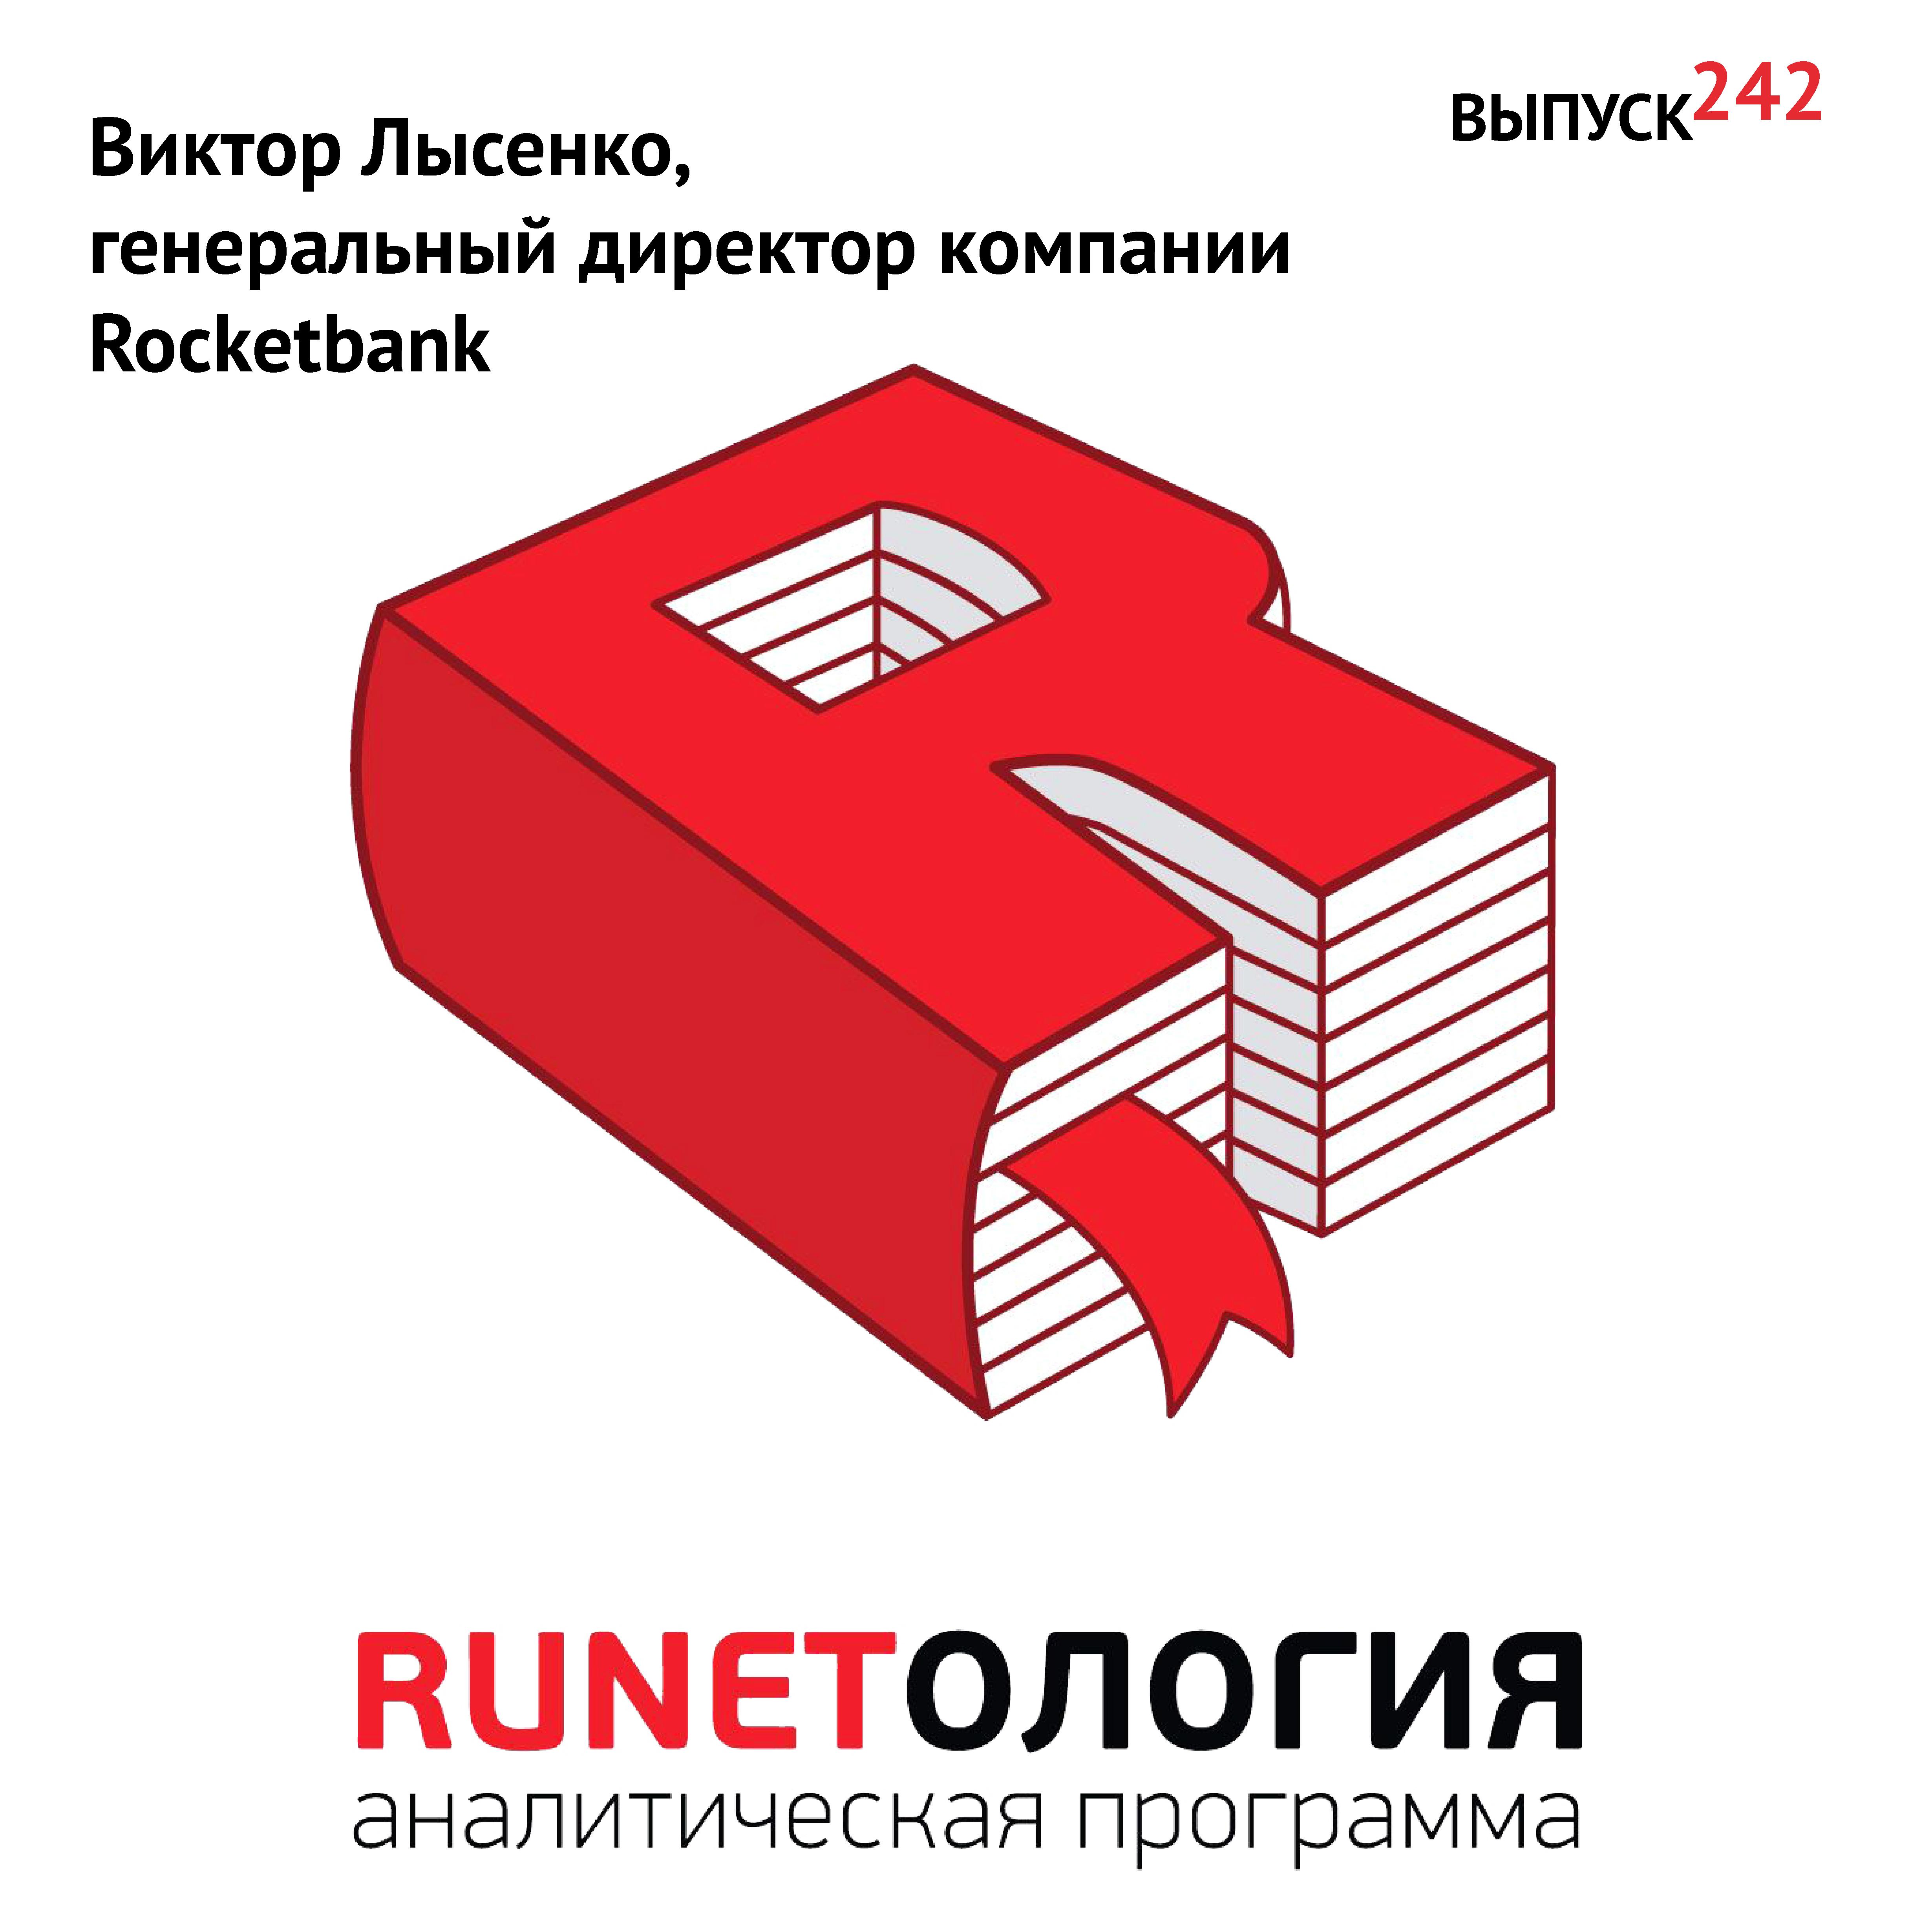 Максим Спиридонов Виктор Лысенко, генеральный директор компании Rocketbank